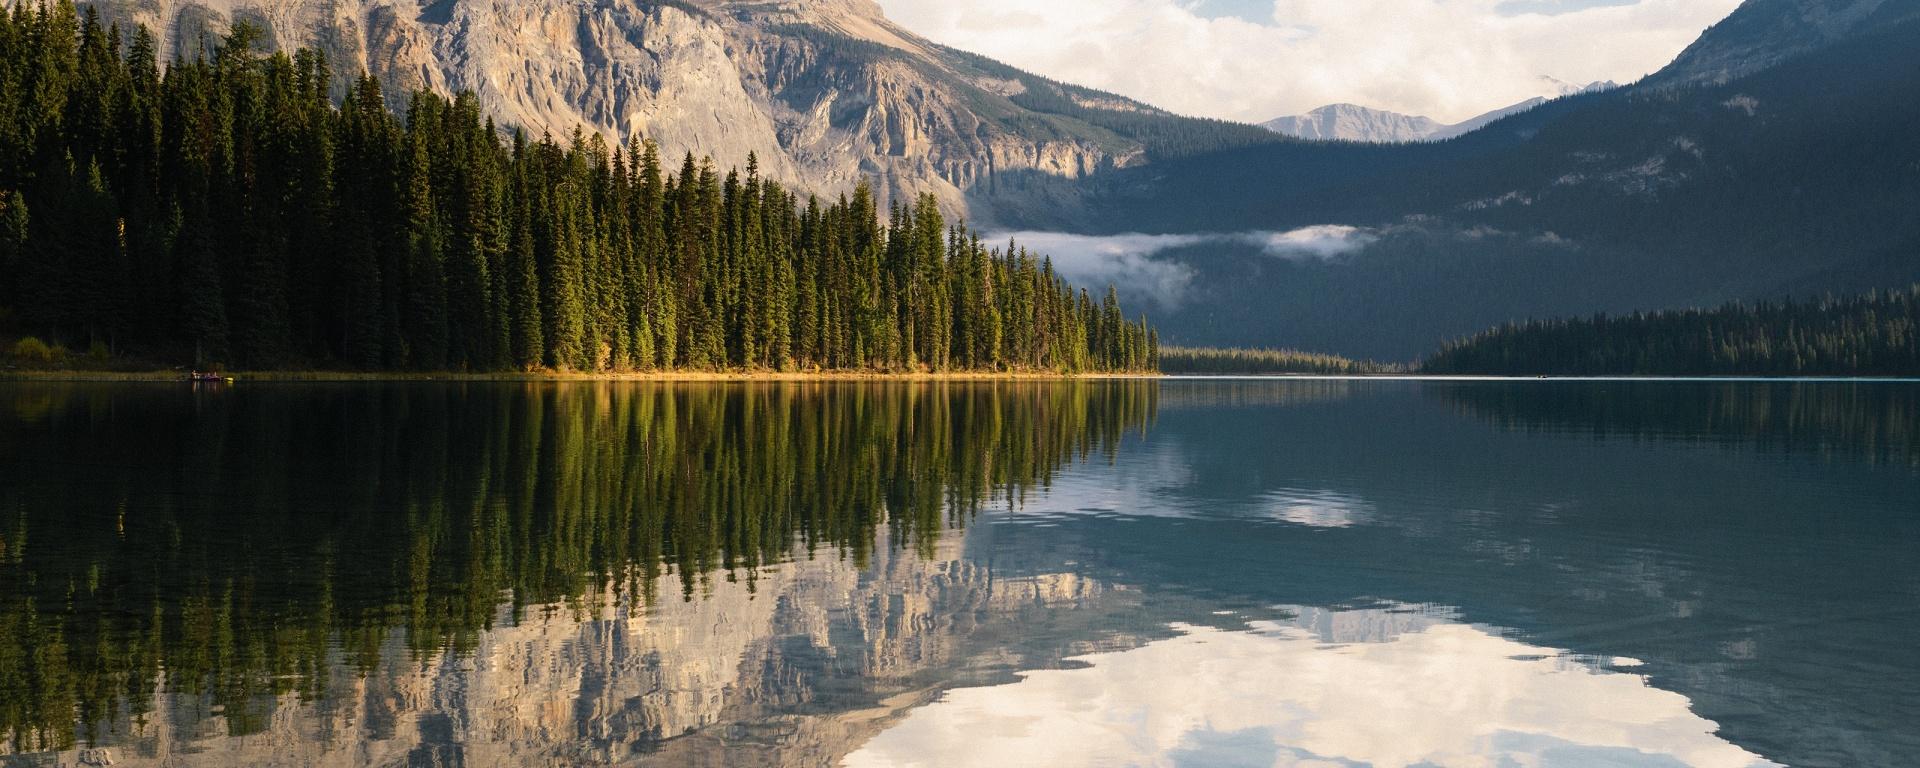 Siete cambios SENCILLOS que puedes hacer esta semana para ahorrar dinero y reducir tu impacto ambiental